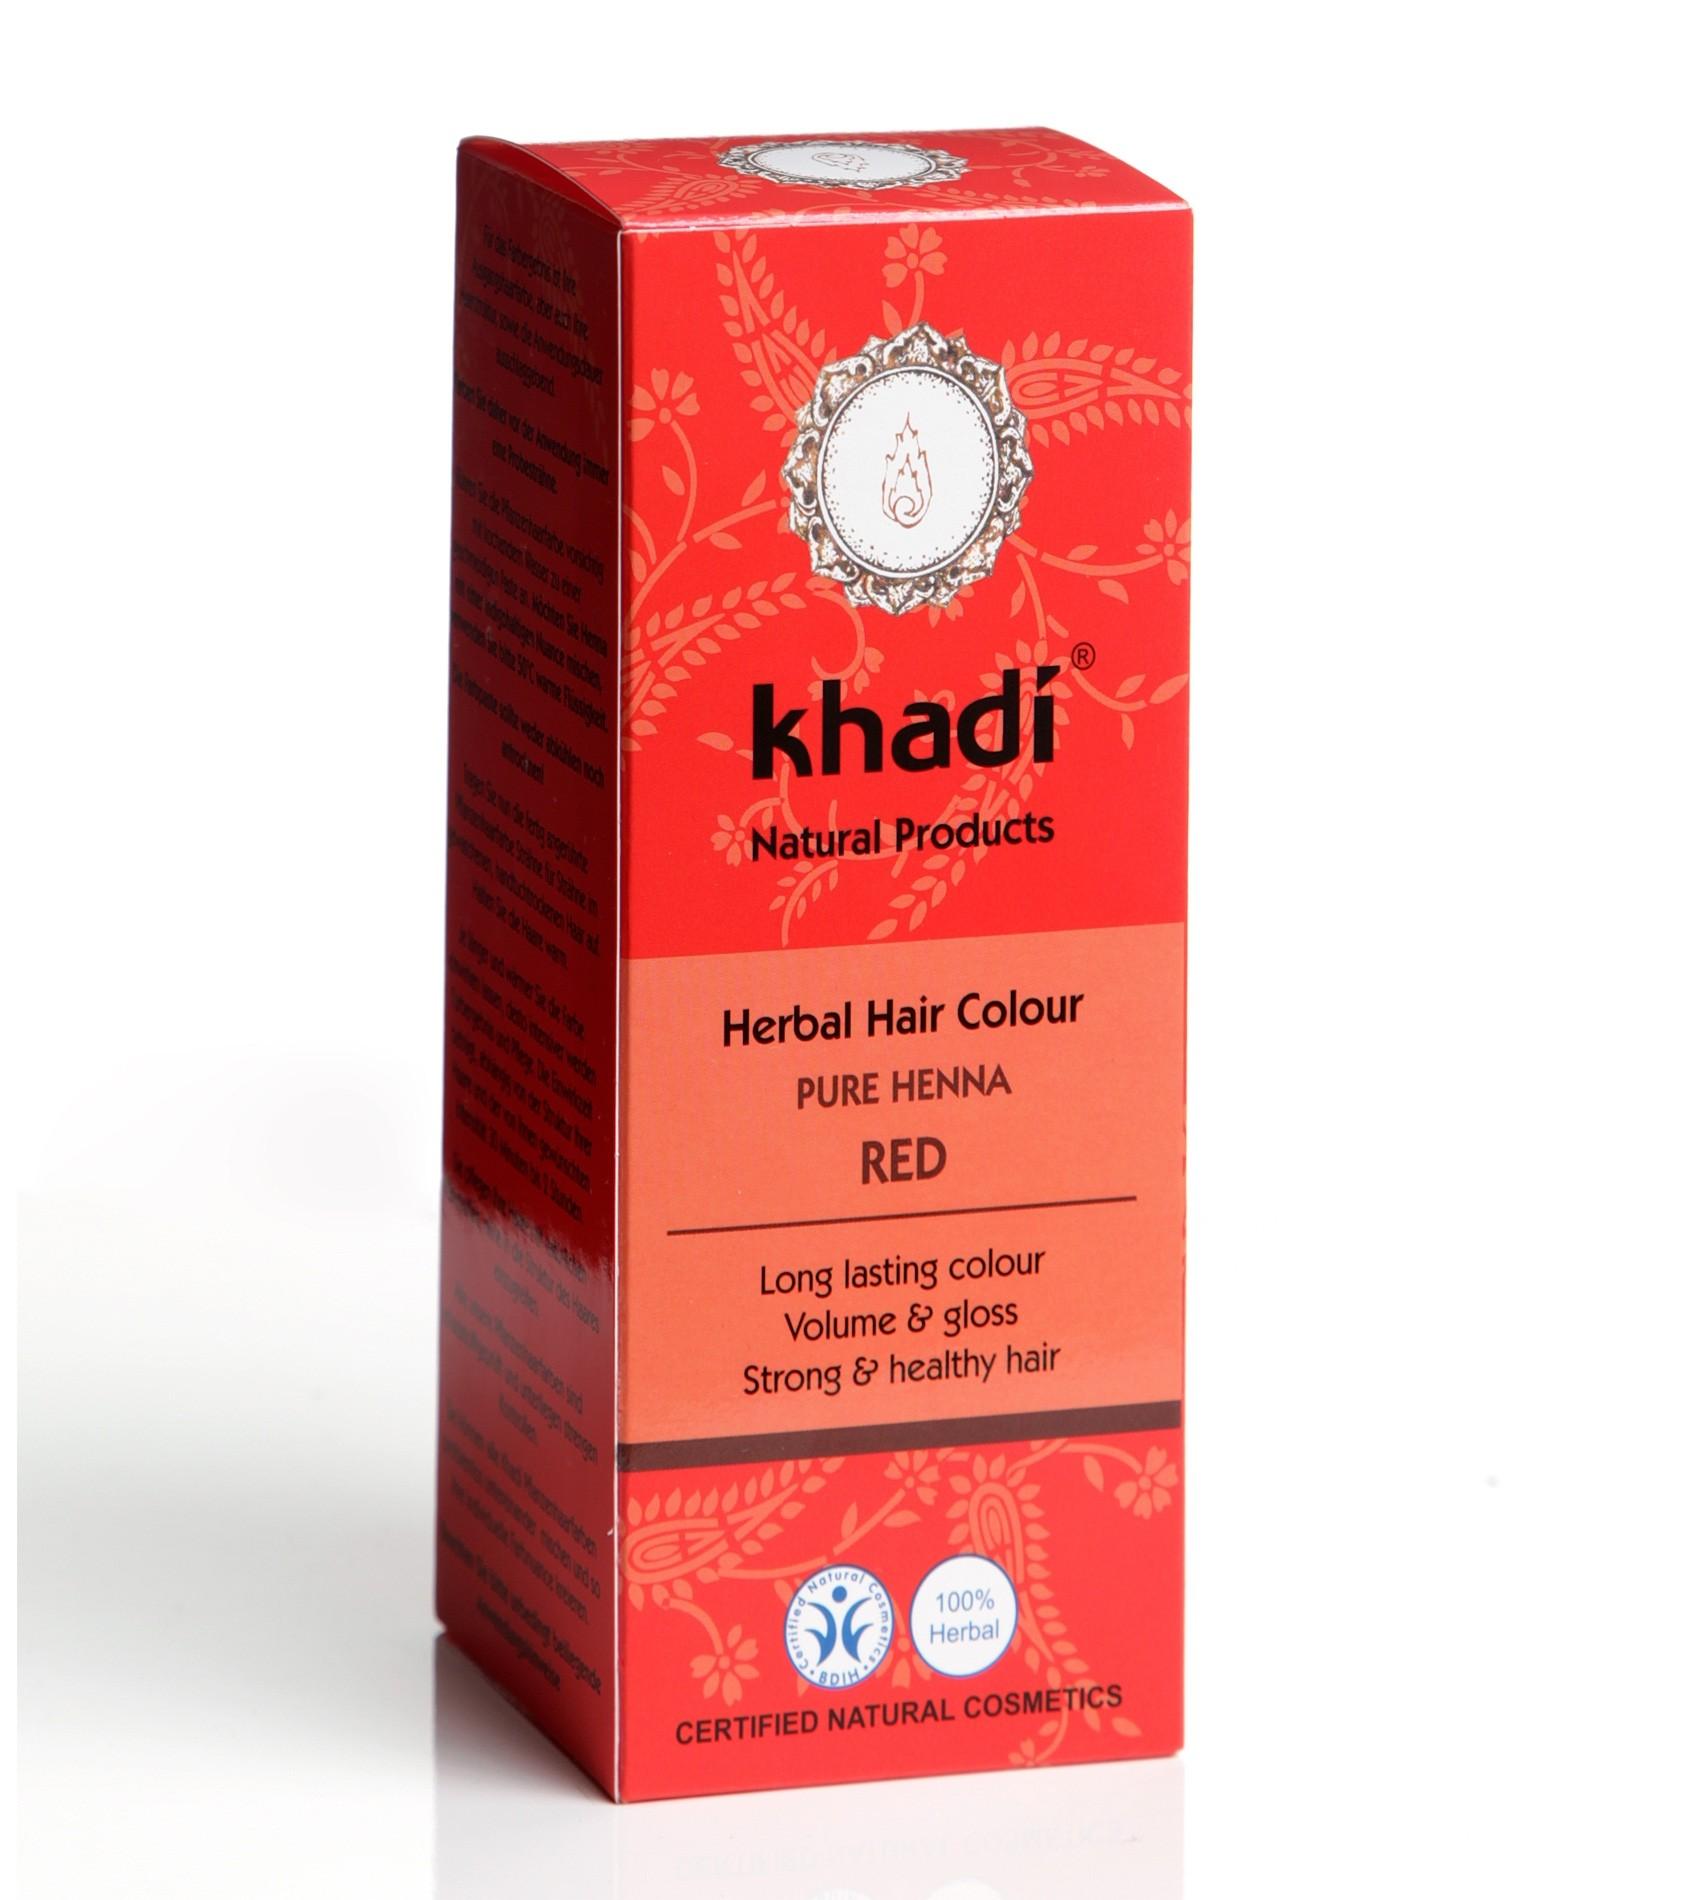 Khadi Herbal Hair Colour Pure Henna Red